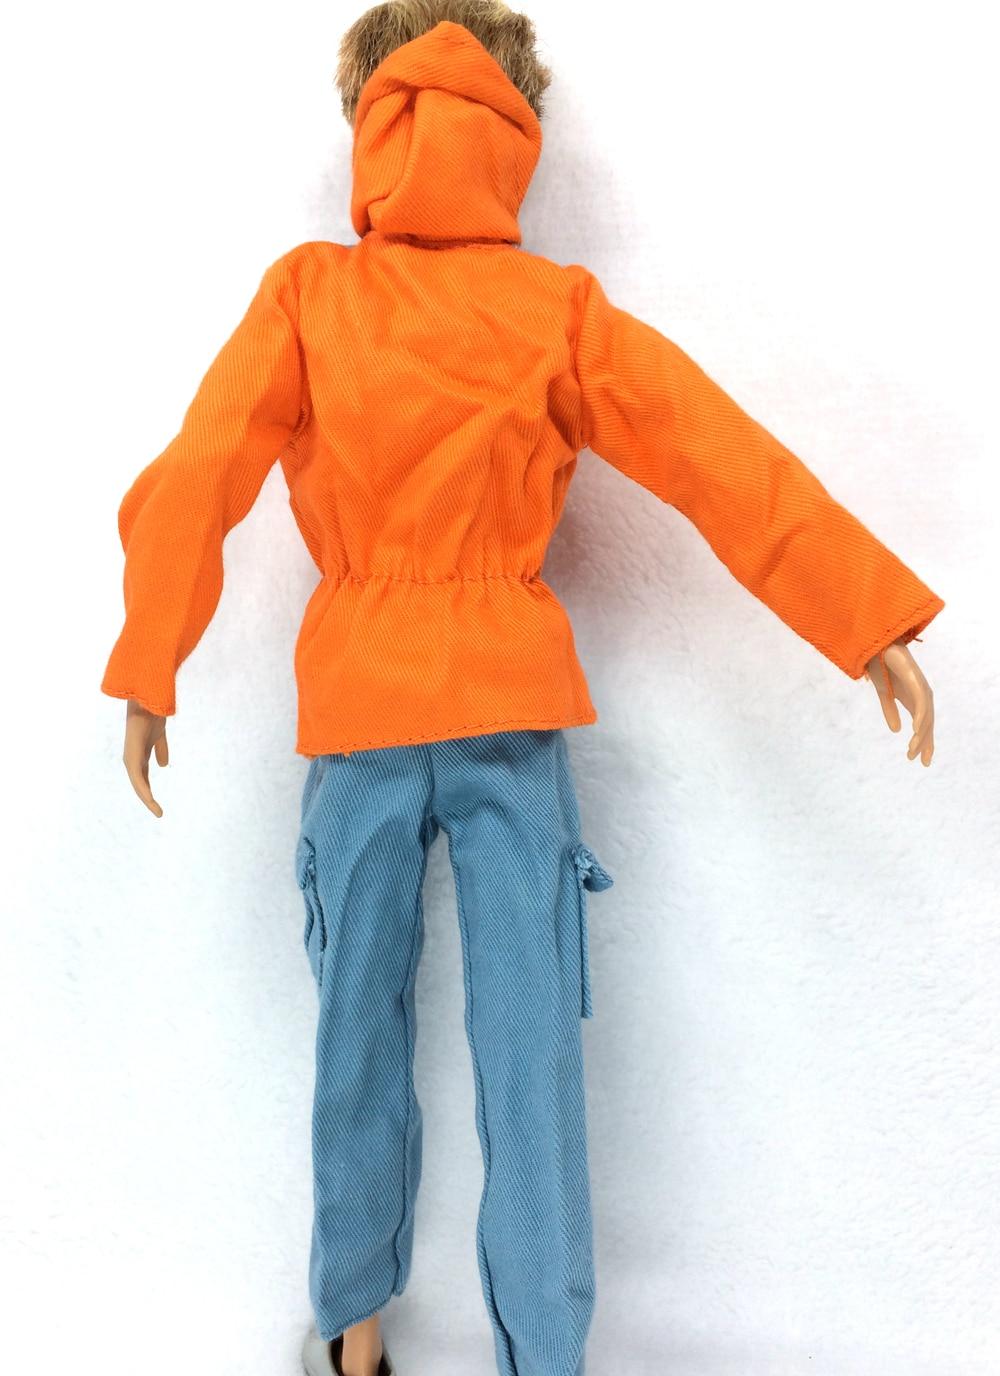 NK Pangeran Pakaian Tempur Seragam Polisi Cop Outfit Untuk Barbie Boy - Boneka dan aksesoris - Foto 3